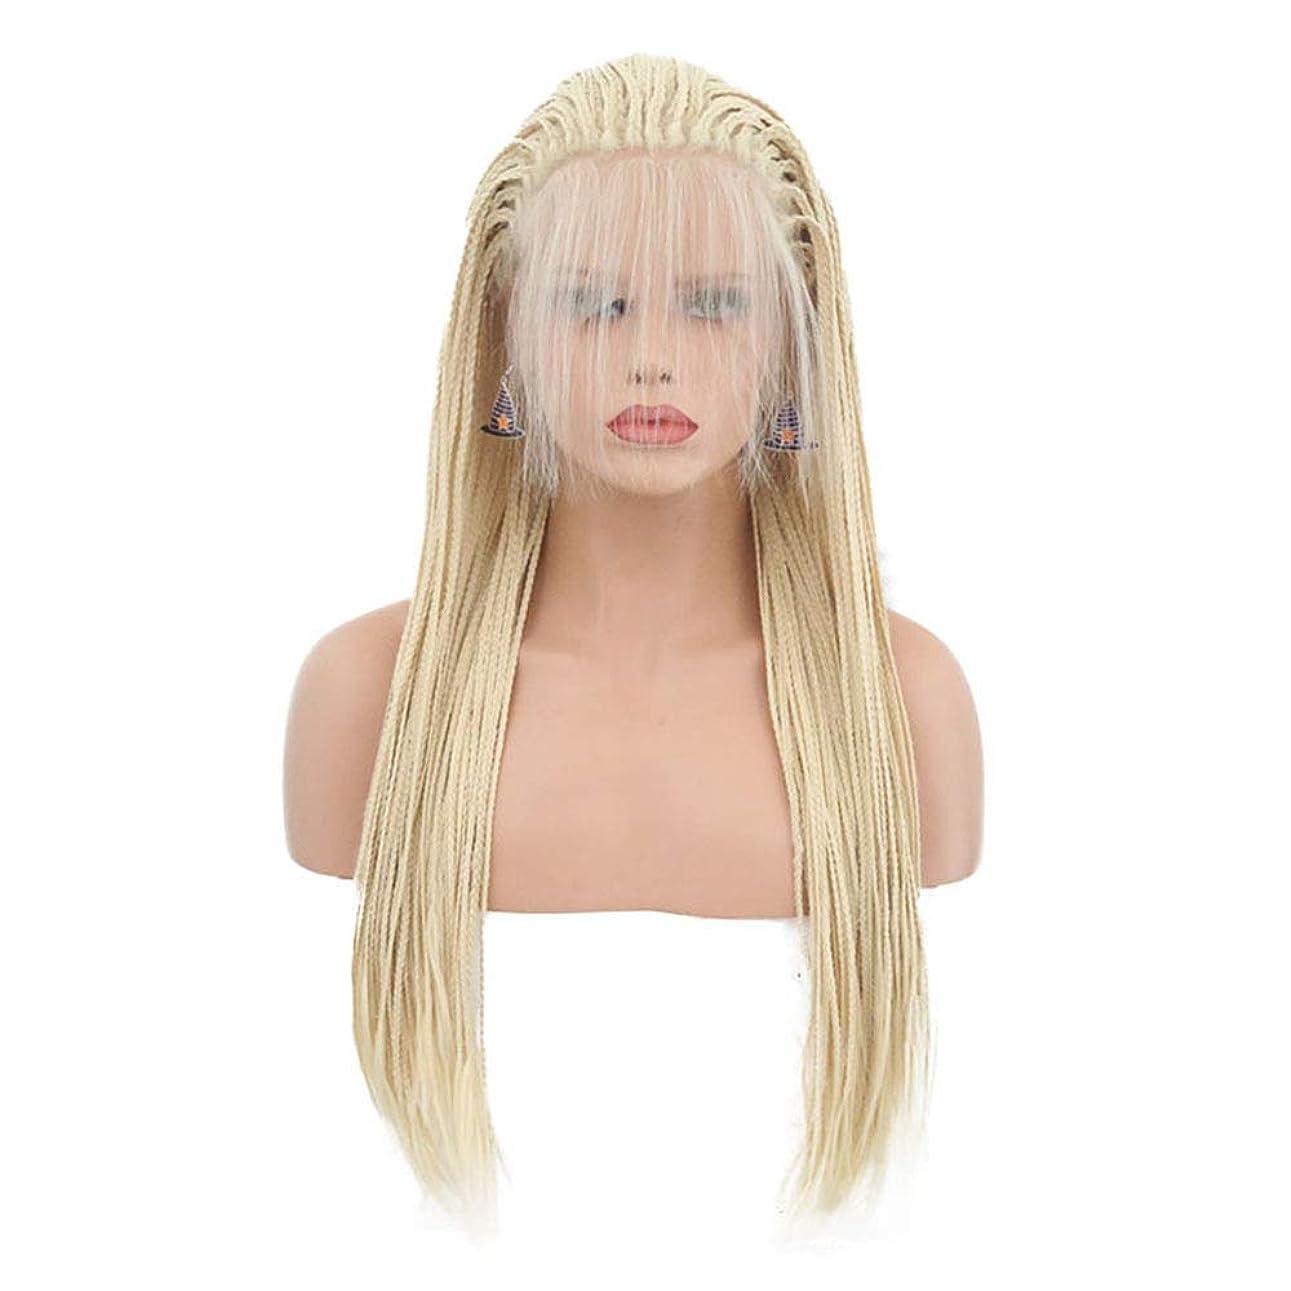 笑いダイヤモンドファイナンス女性フルレース人毛かつら150%密度合成remyで赤ん坊の毛髪ストレートブラジルのかつら内臓編組グルーレスかつら